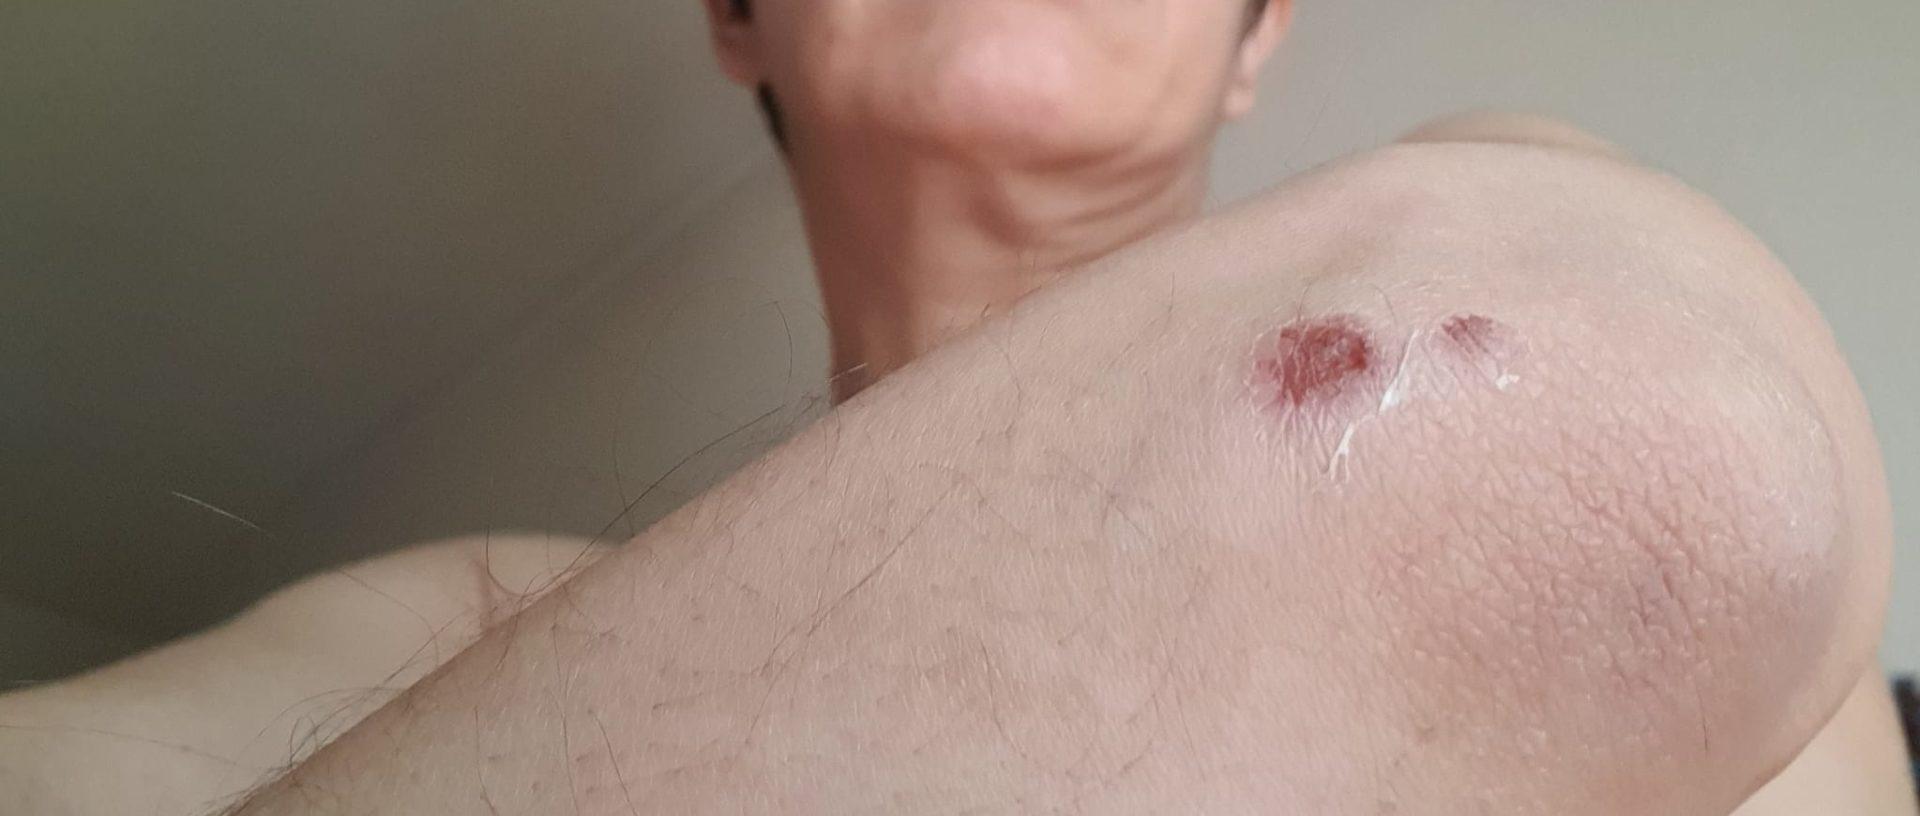 Mujer agredida en Alicante